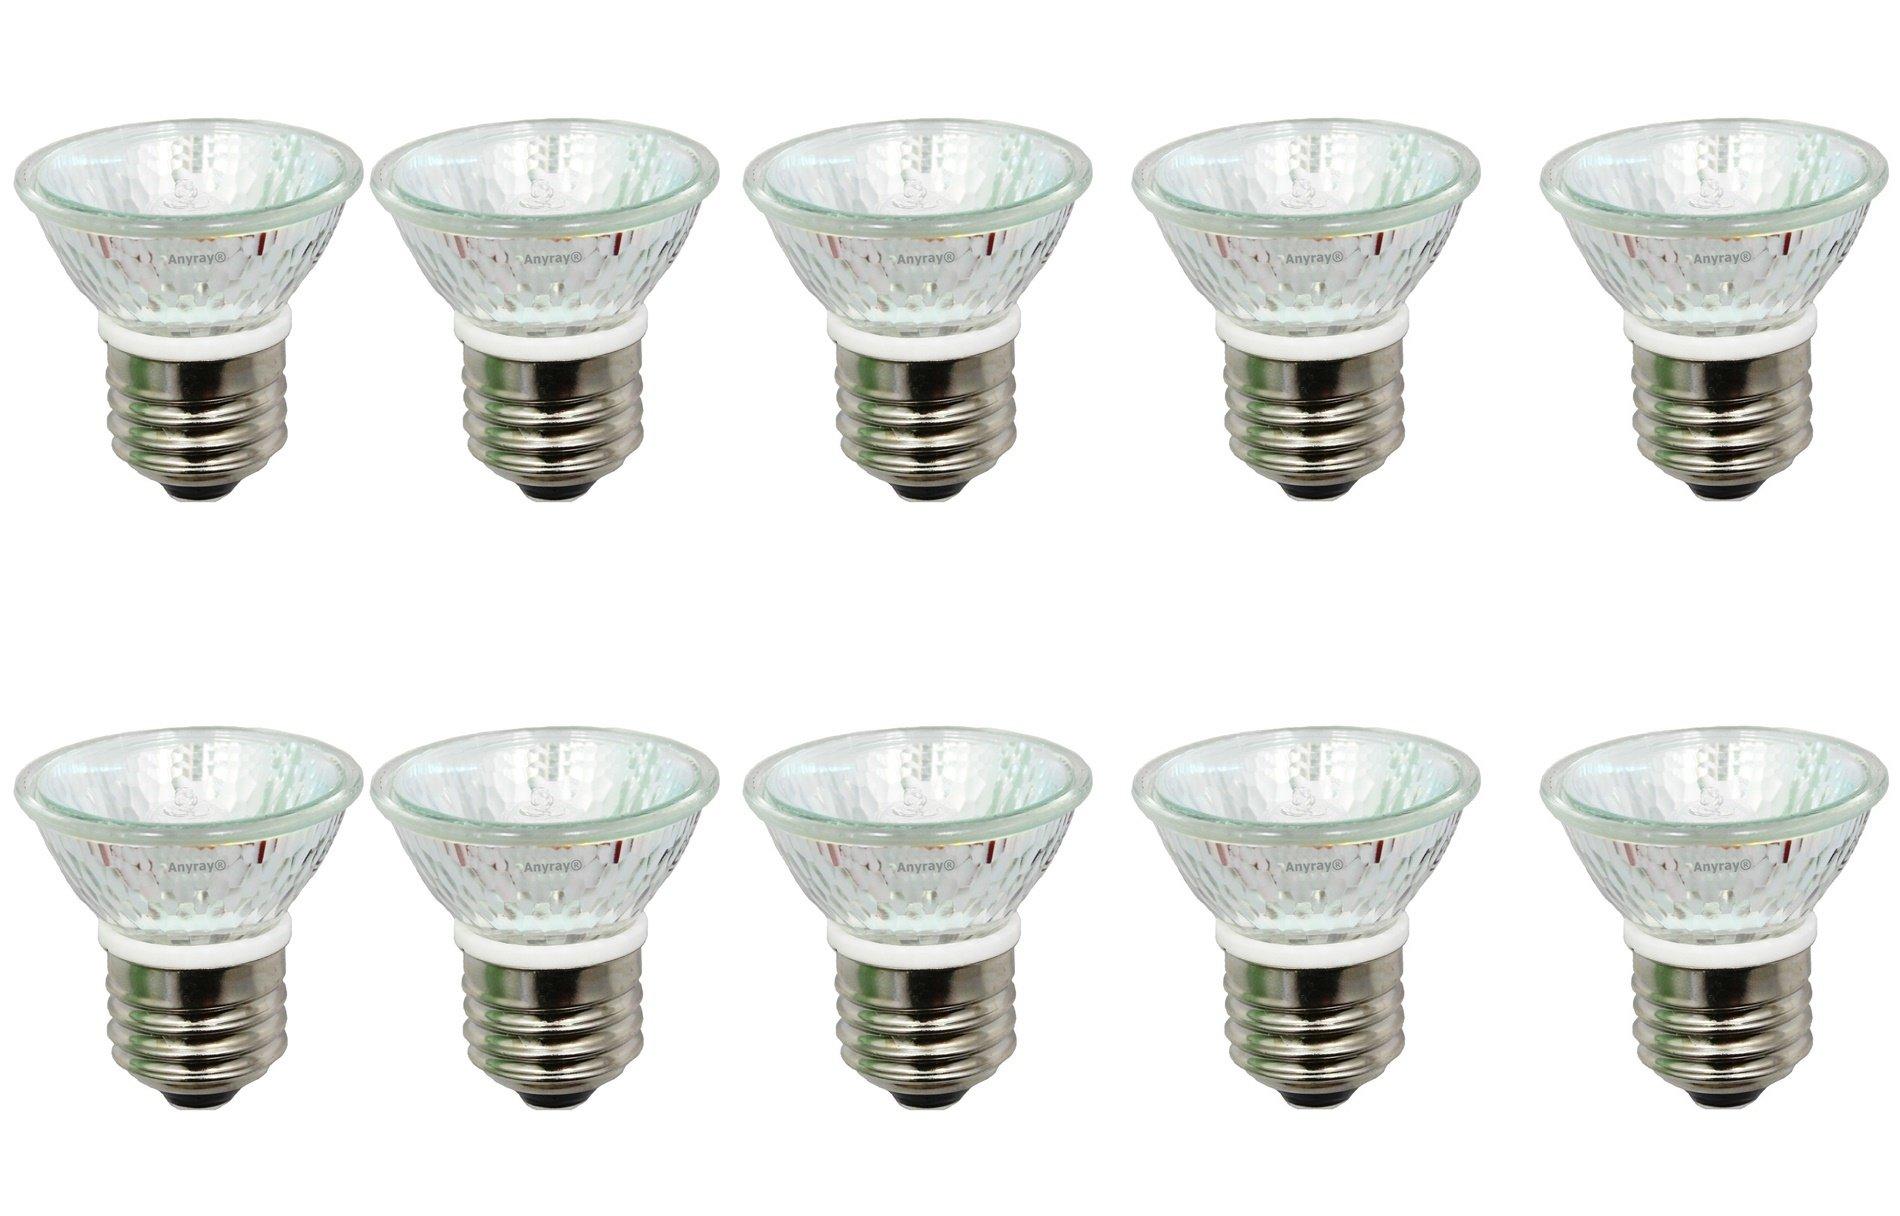 Anyray A1876Y (10-Pack) HR16 120V 35W E27/E26 MR-16 35 Watt JDR C Halogen Bulb PAR16 Lamp FMW Flood with Lens (35 Watts)